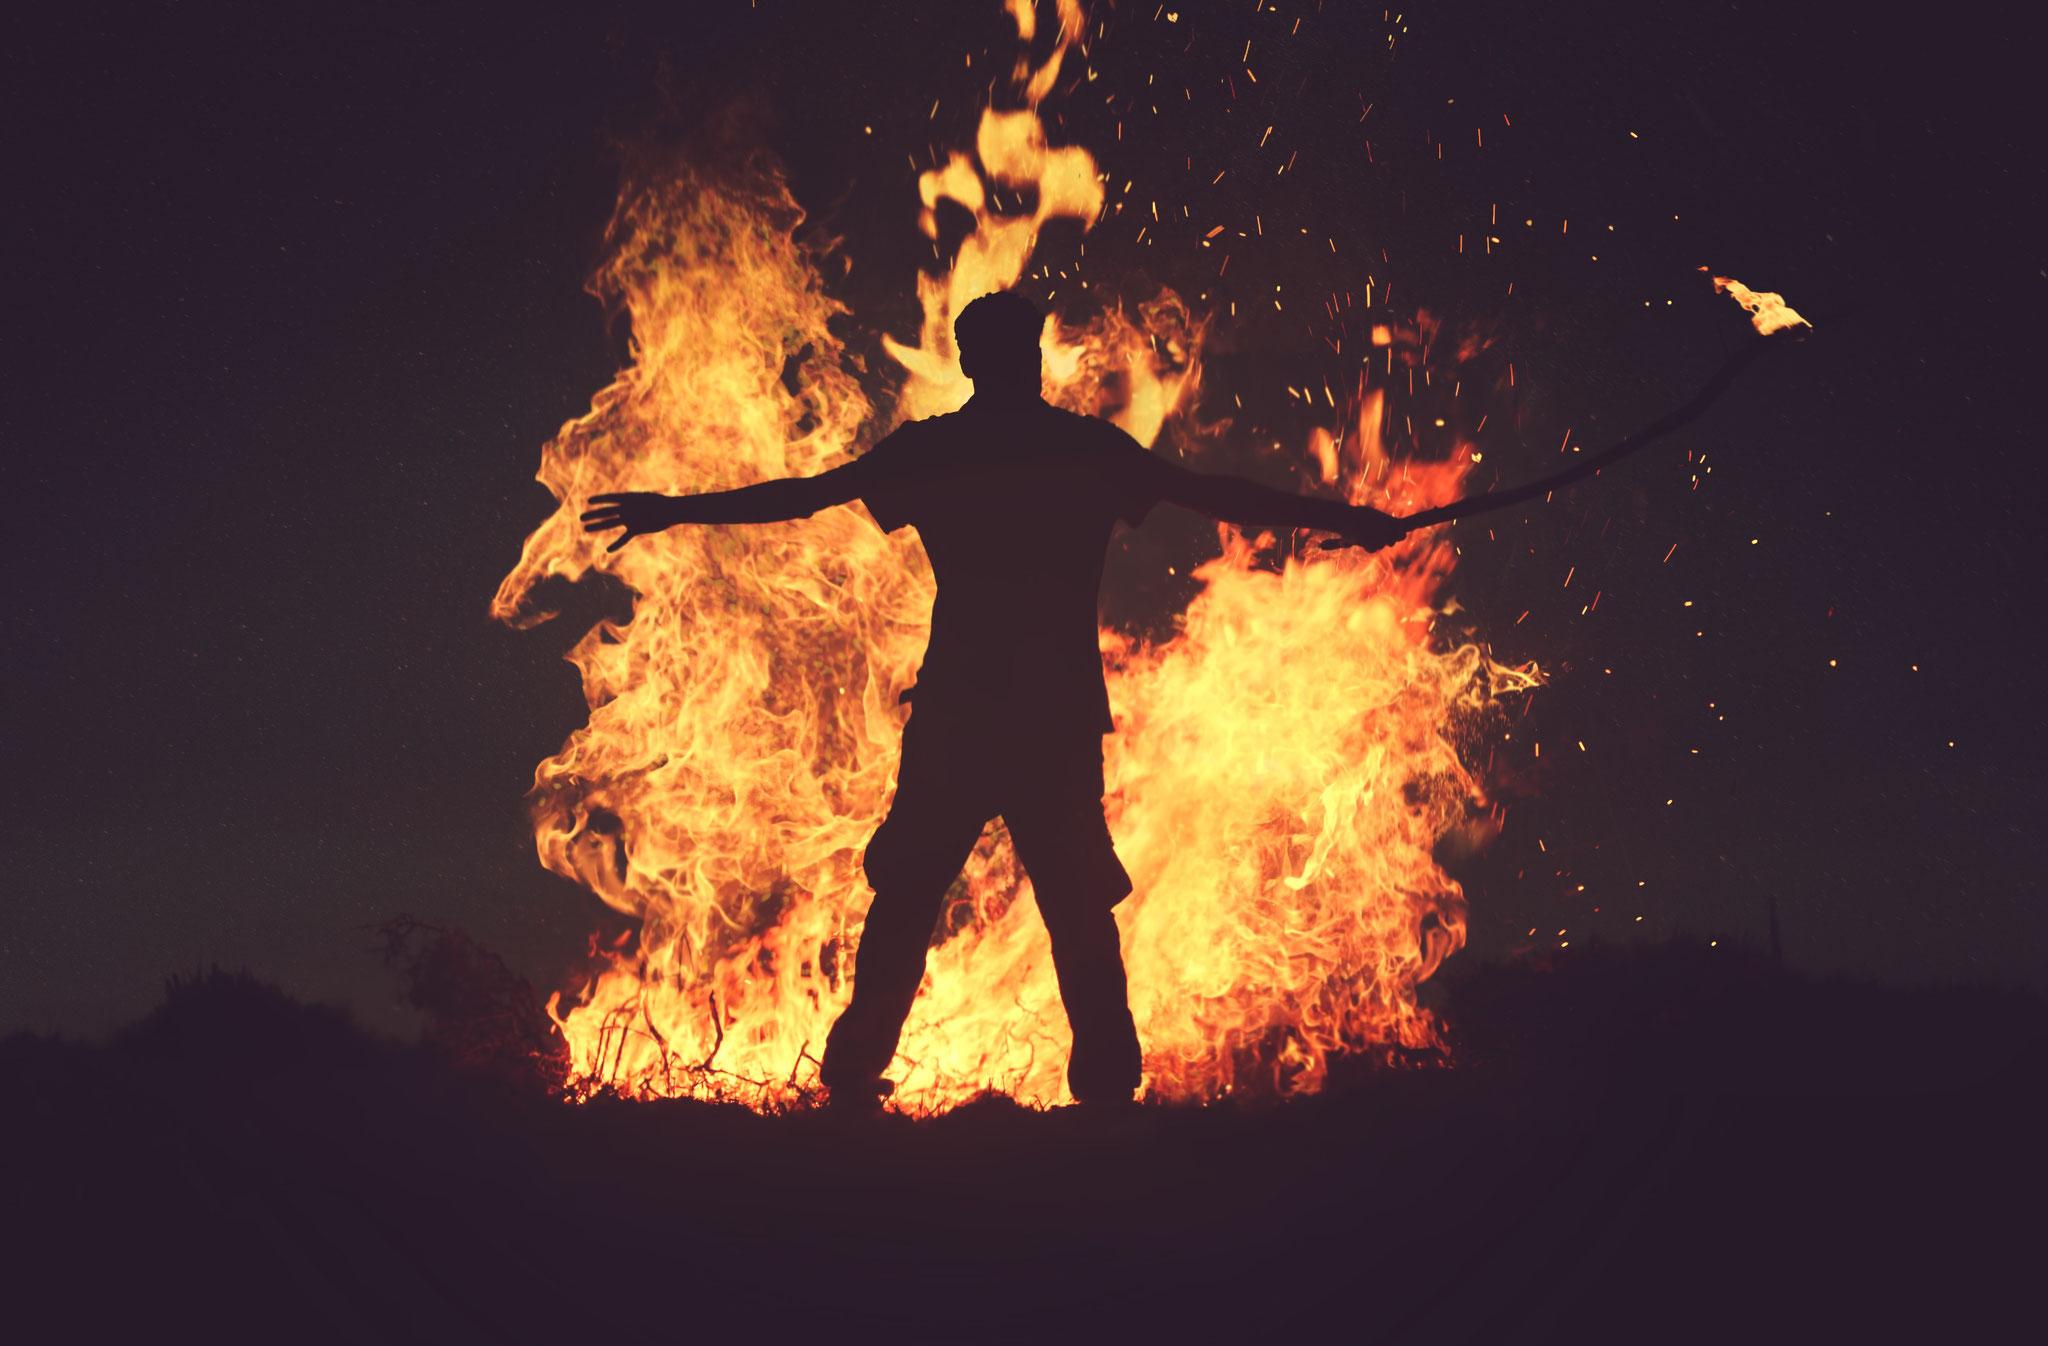 Ein Lagerfeuer für Helden